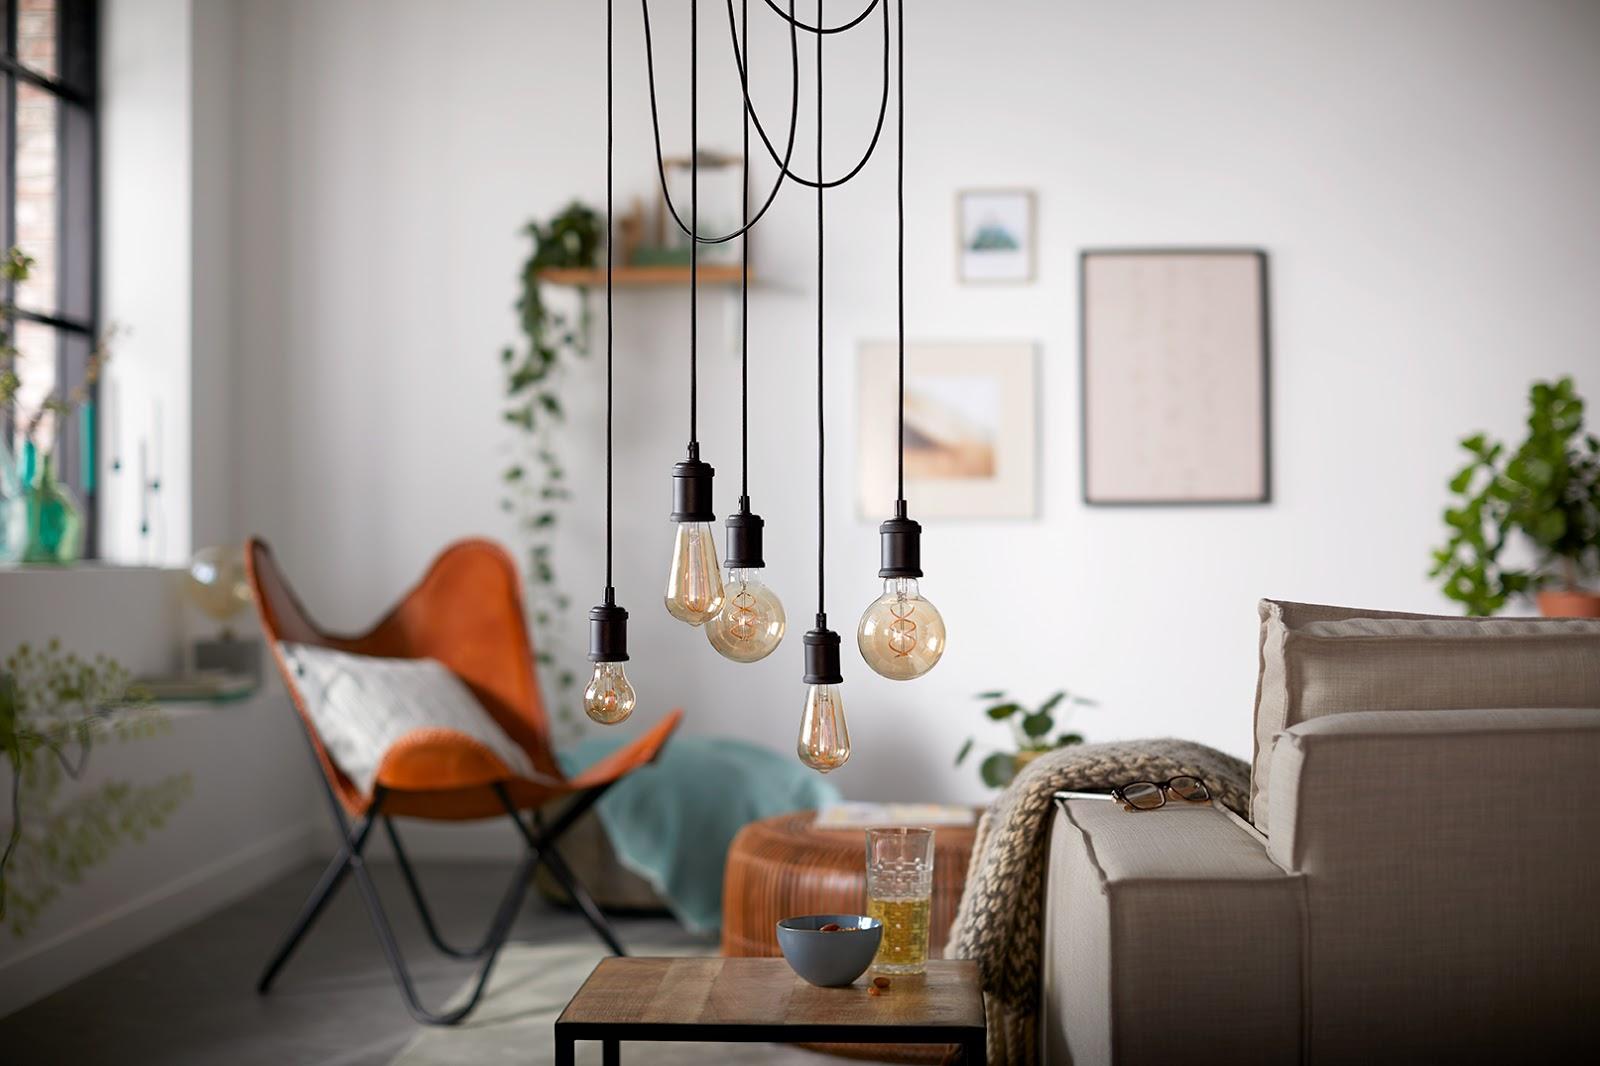 Vivre shabby chic giant vintage le lampadine vintage fatte per